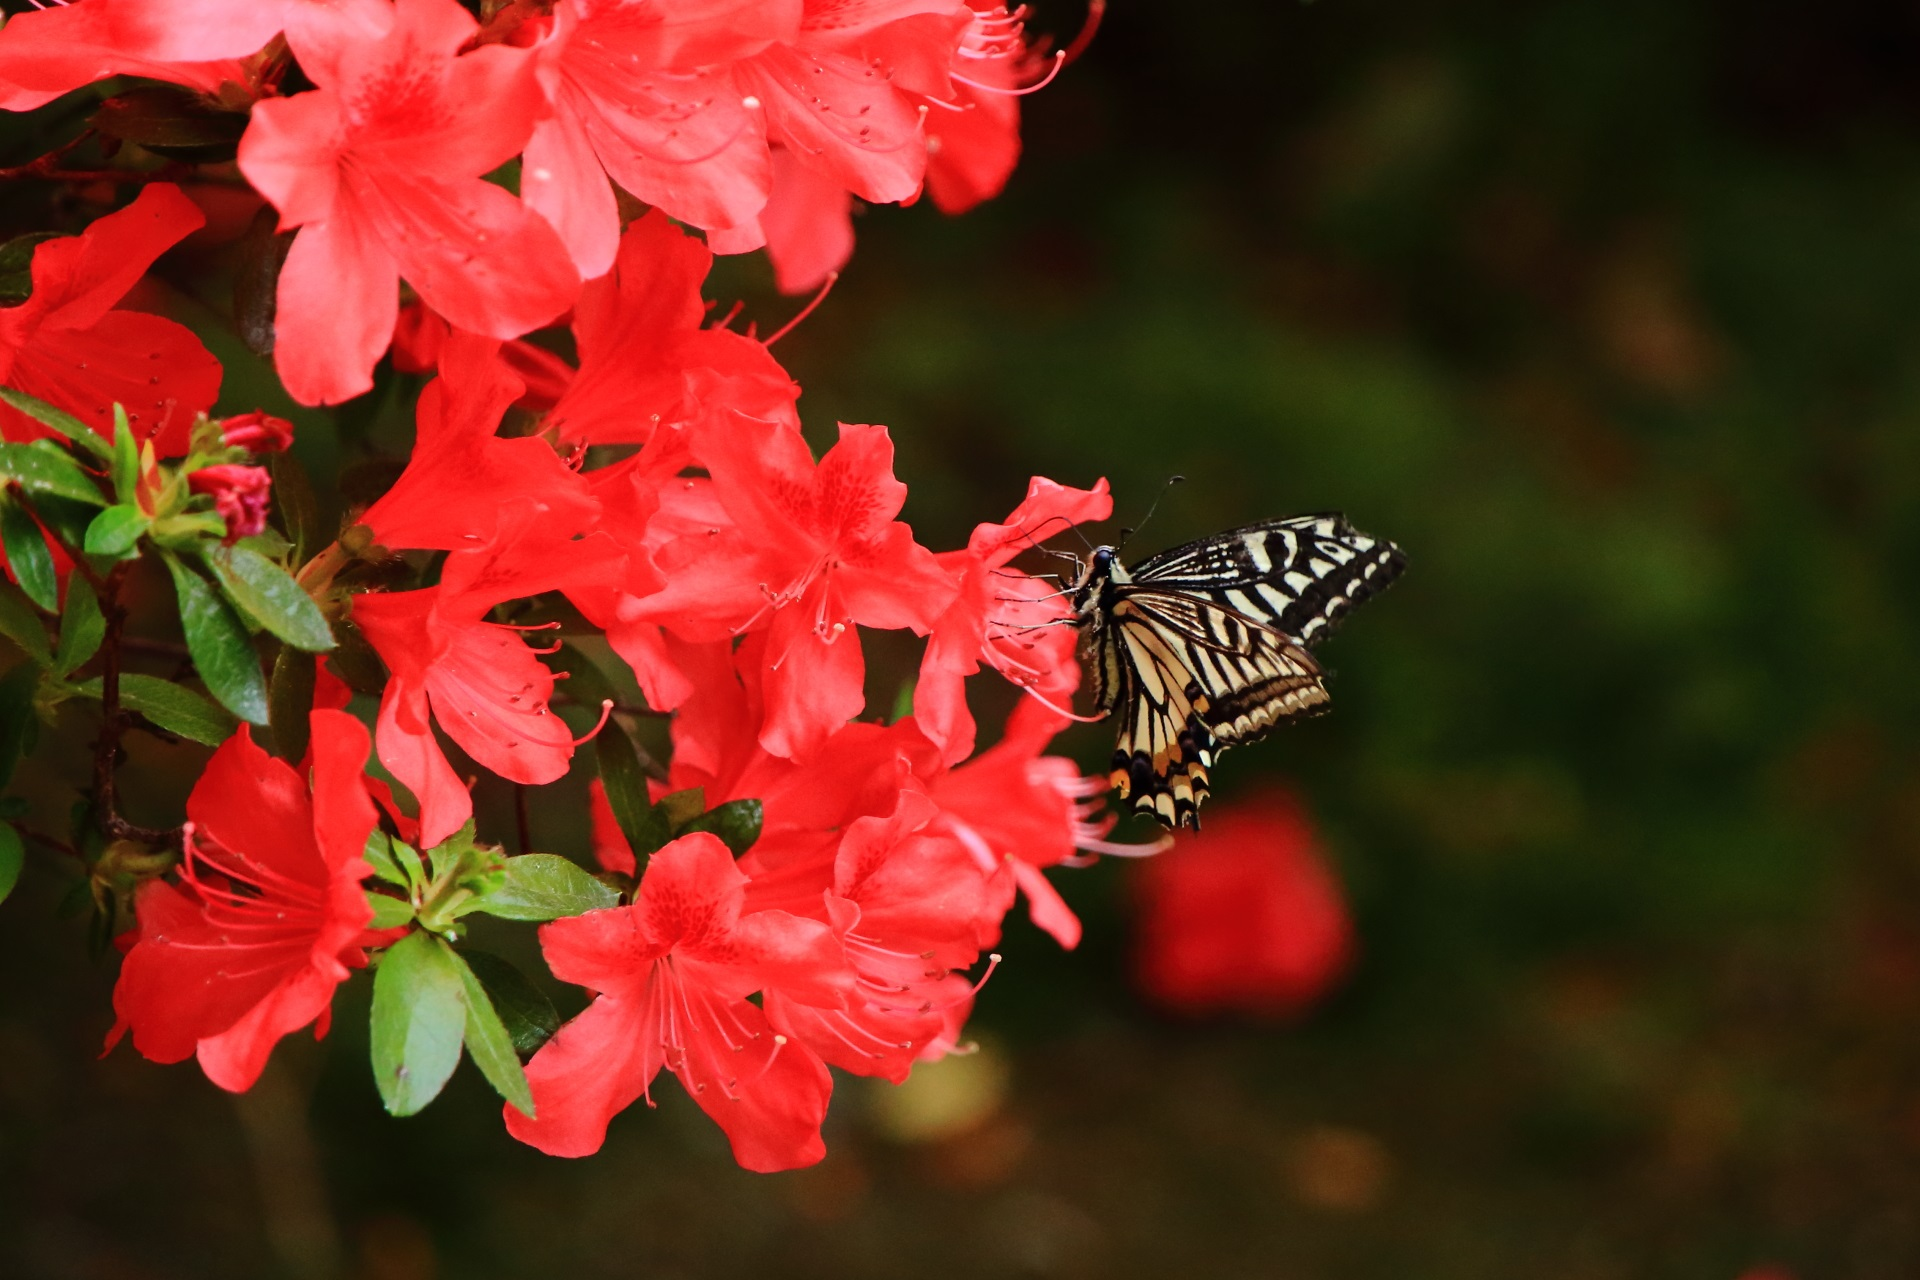 良い感じにアゲハ蝶がいるツツジの絵になる春の風景